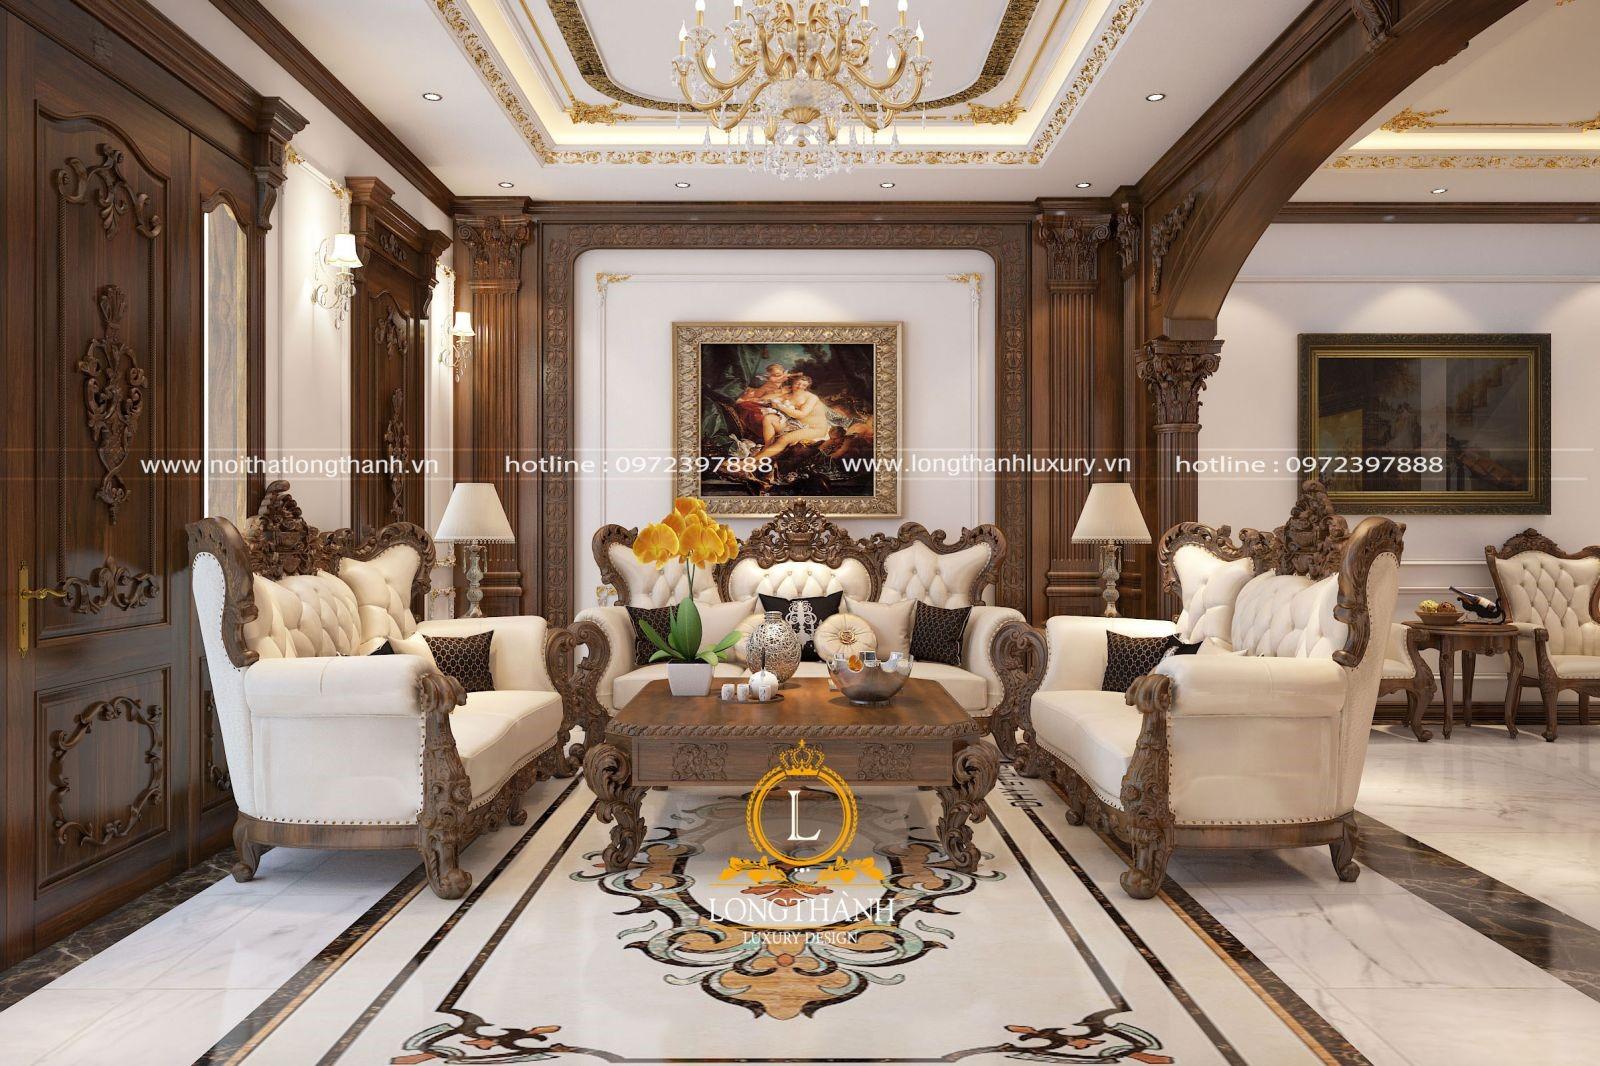 Biệt thự phố được thiết kế nội thất theo nhiều phong cách độc đáo ấn tượng